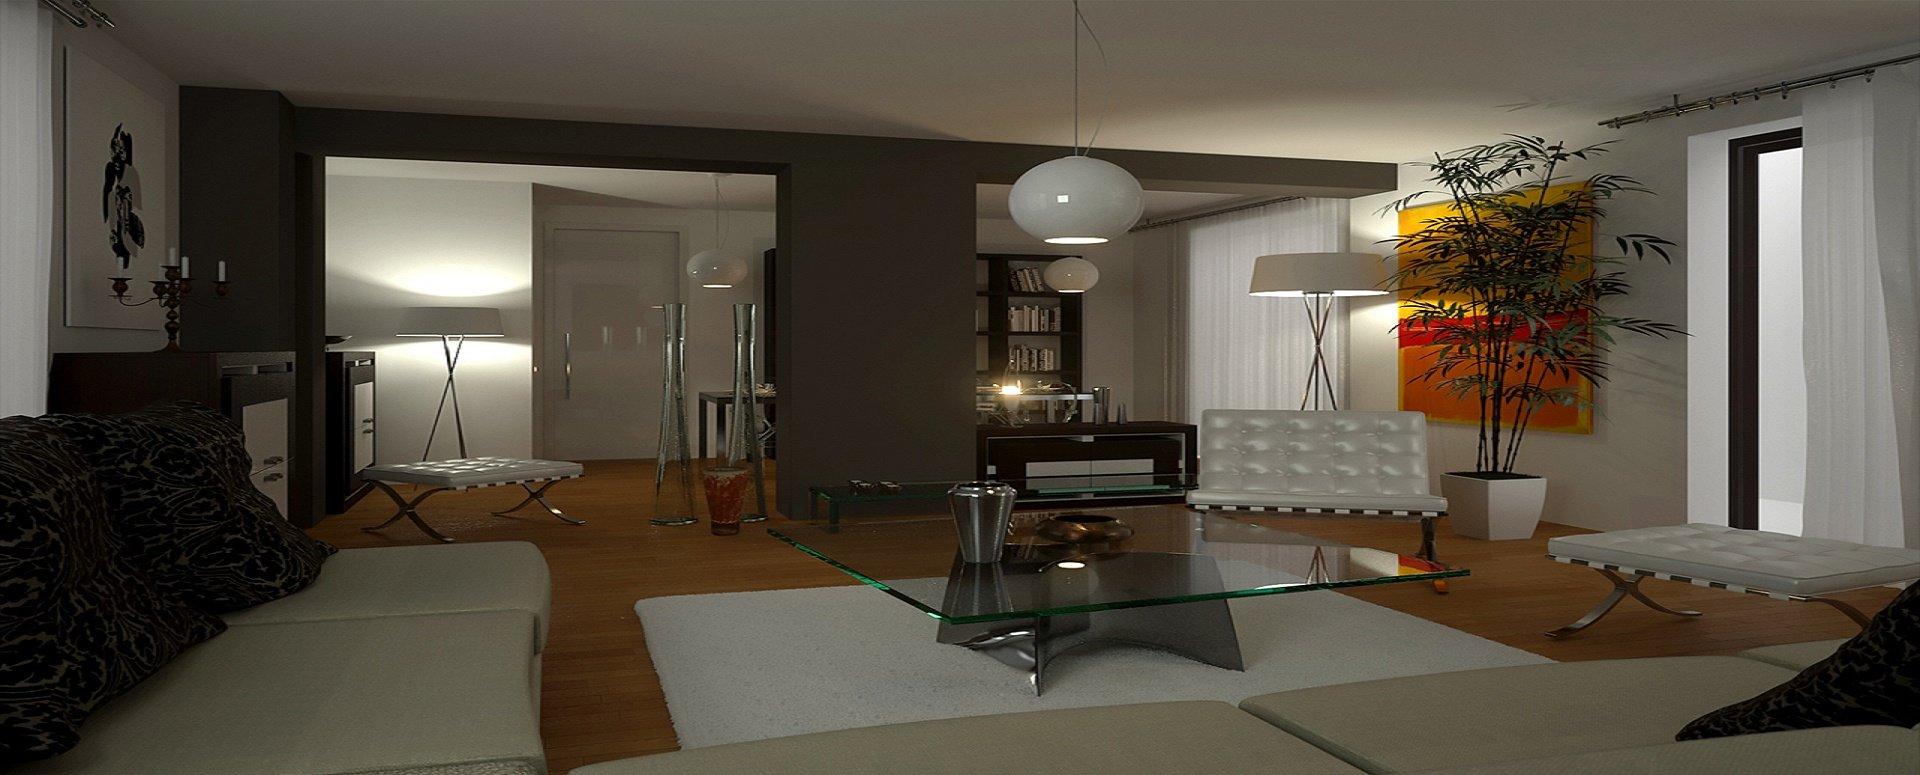 pensez à la décoration intérieure appartement - groupe egr